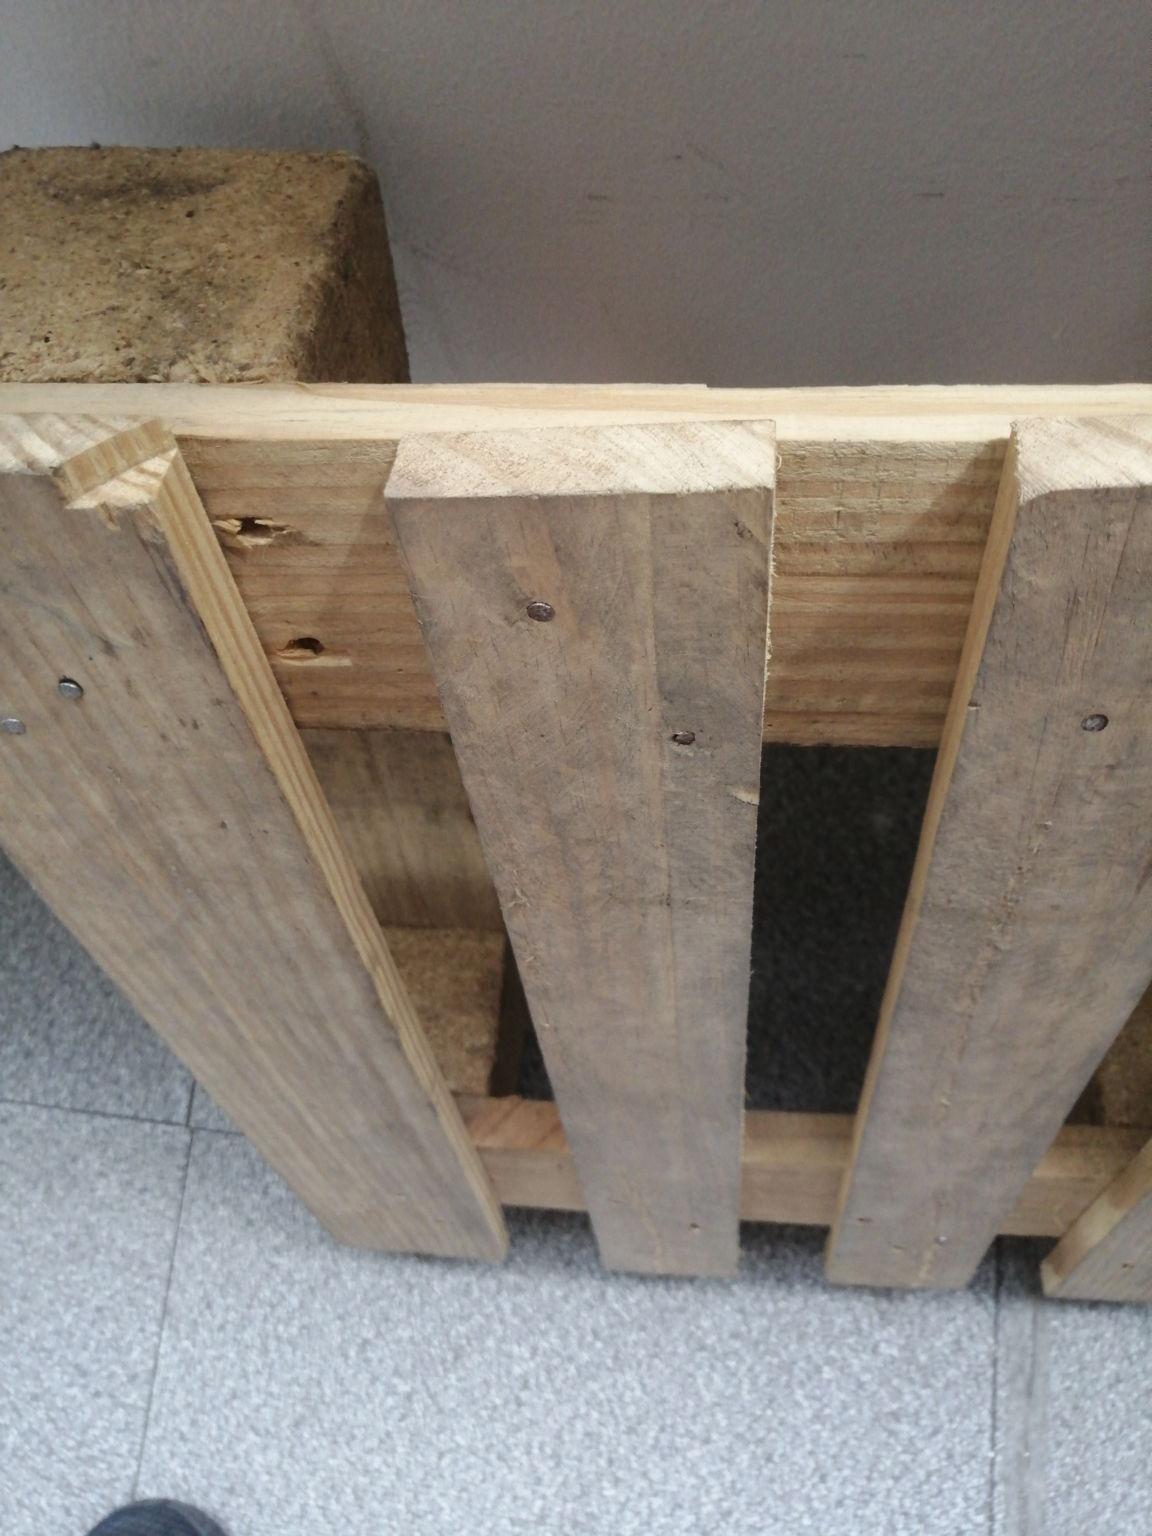 温州木制托盘生产厂商以长江以南发源于江苏周边地?,☀ヵ ⇔╞?的